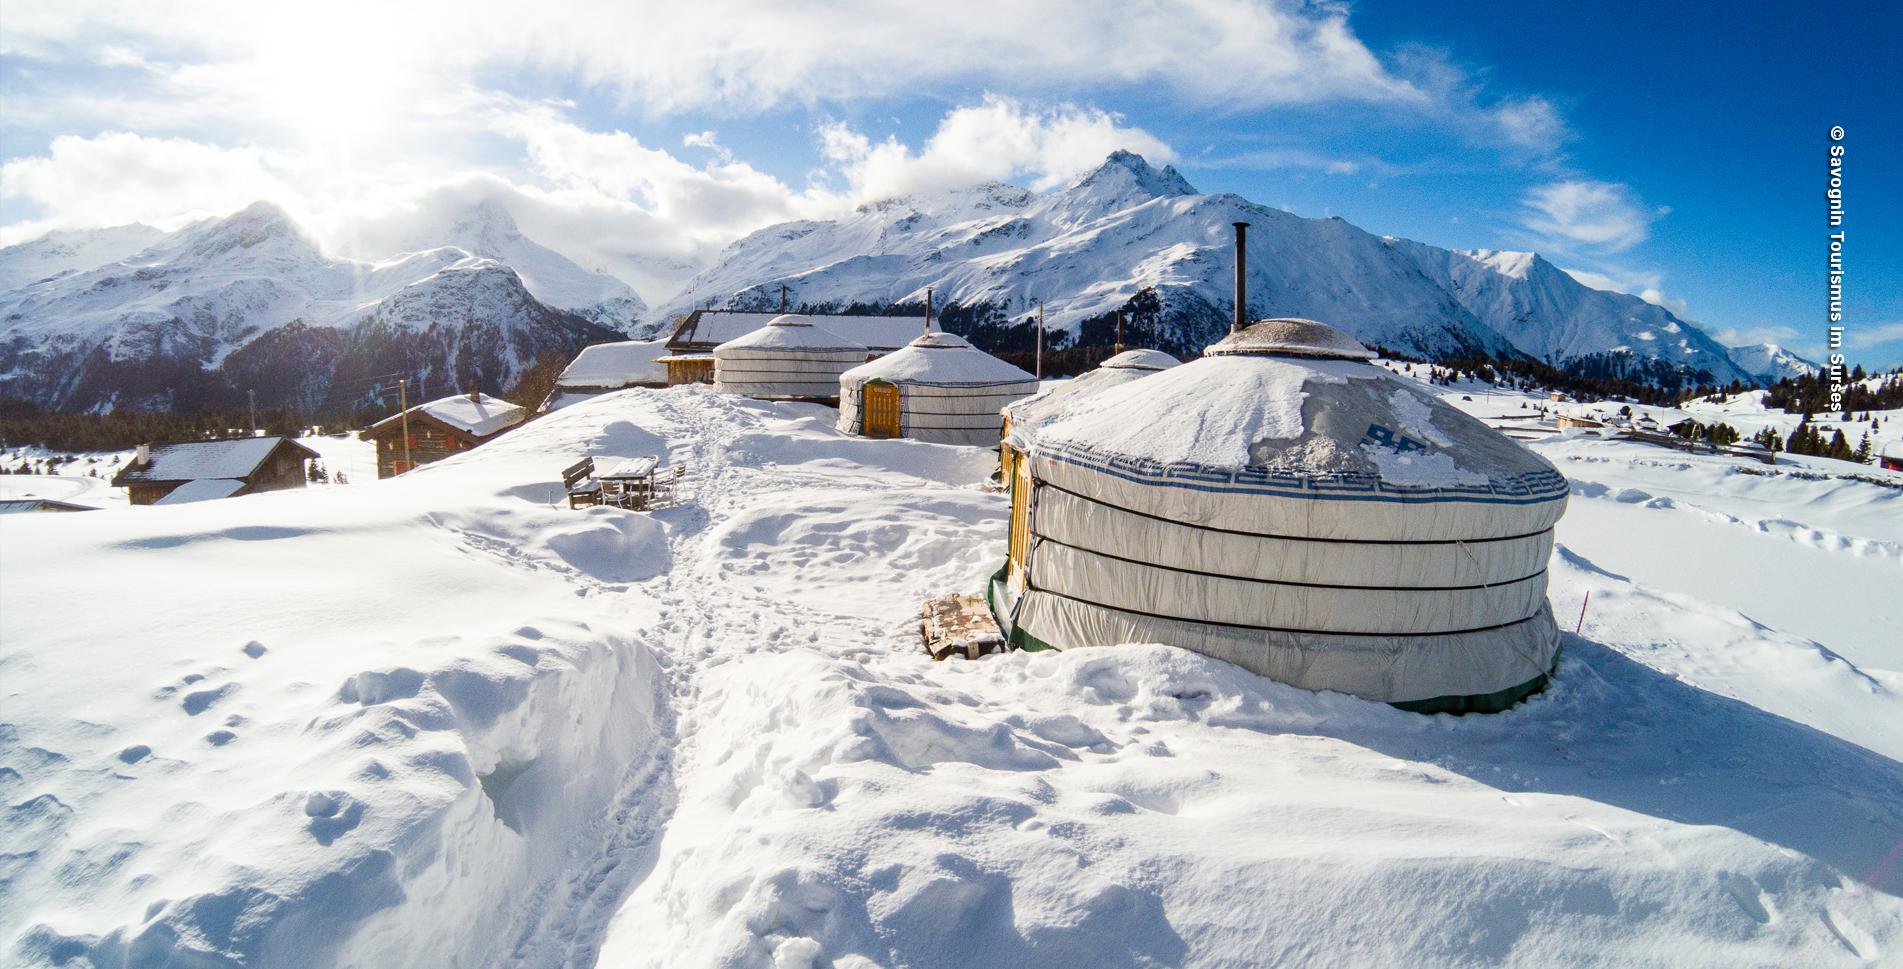 Schneeschuhtour / Schneeschuhwanderung im Parc Ela zur Alp Flix von Sur via Courts, Cotti Agrikultur, Tga d'Meir, Tigias, Piz Platta zurück nach Sur